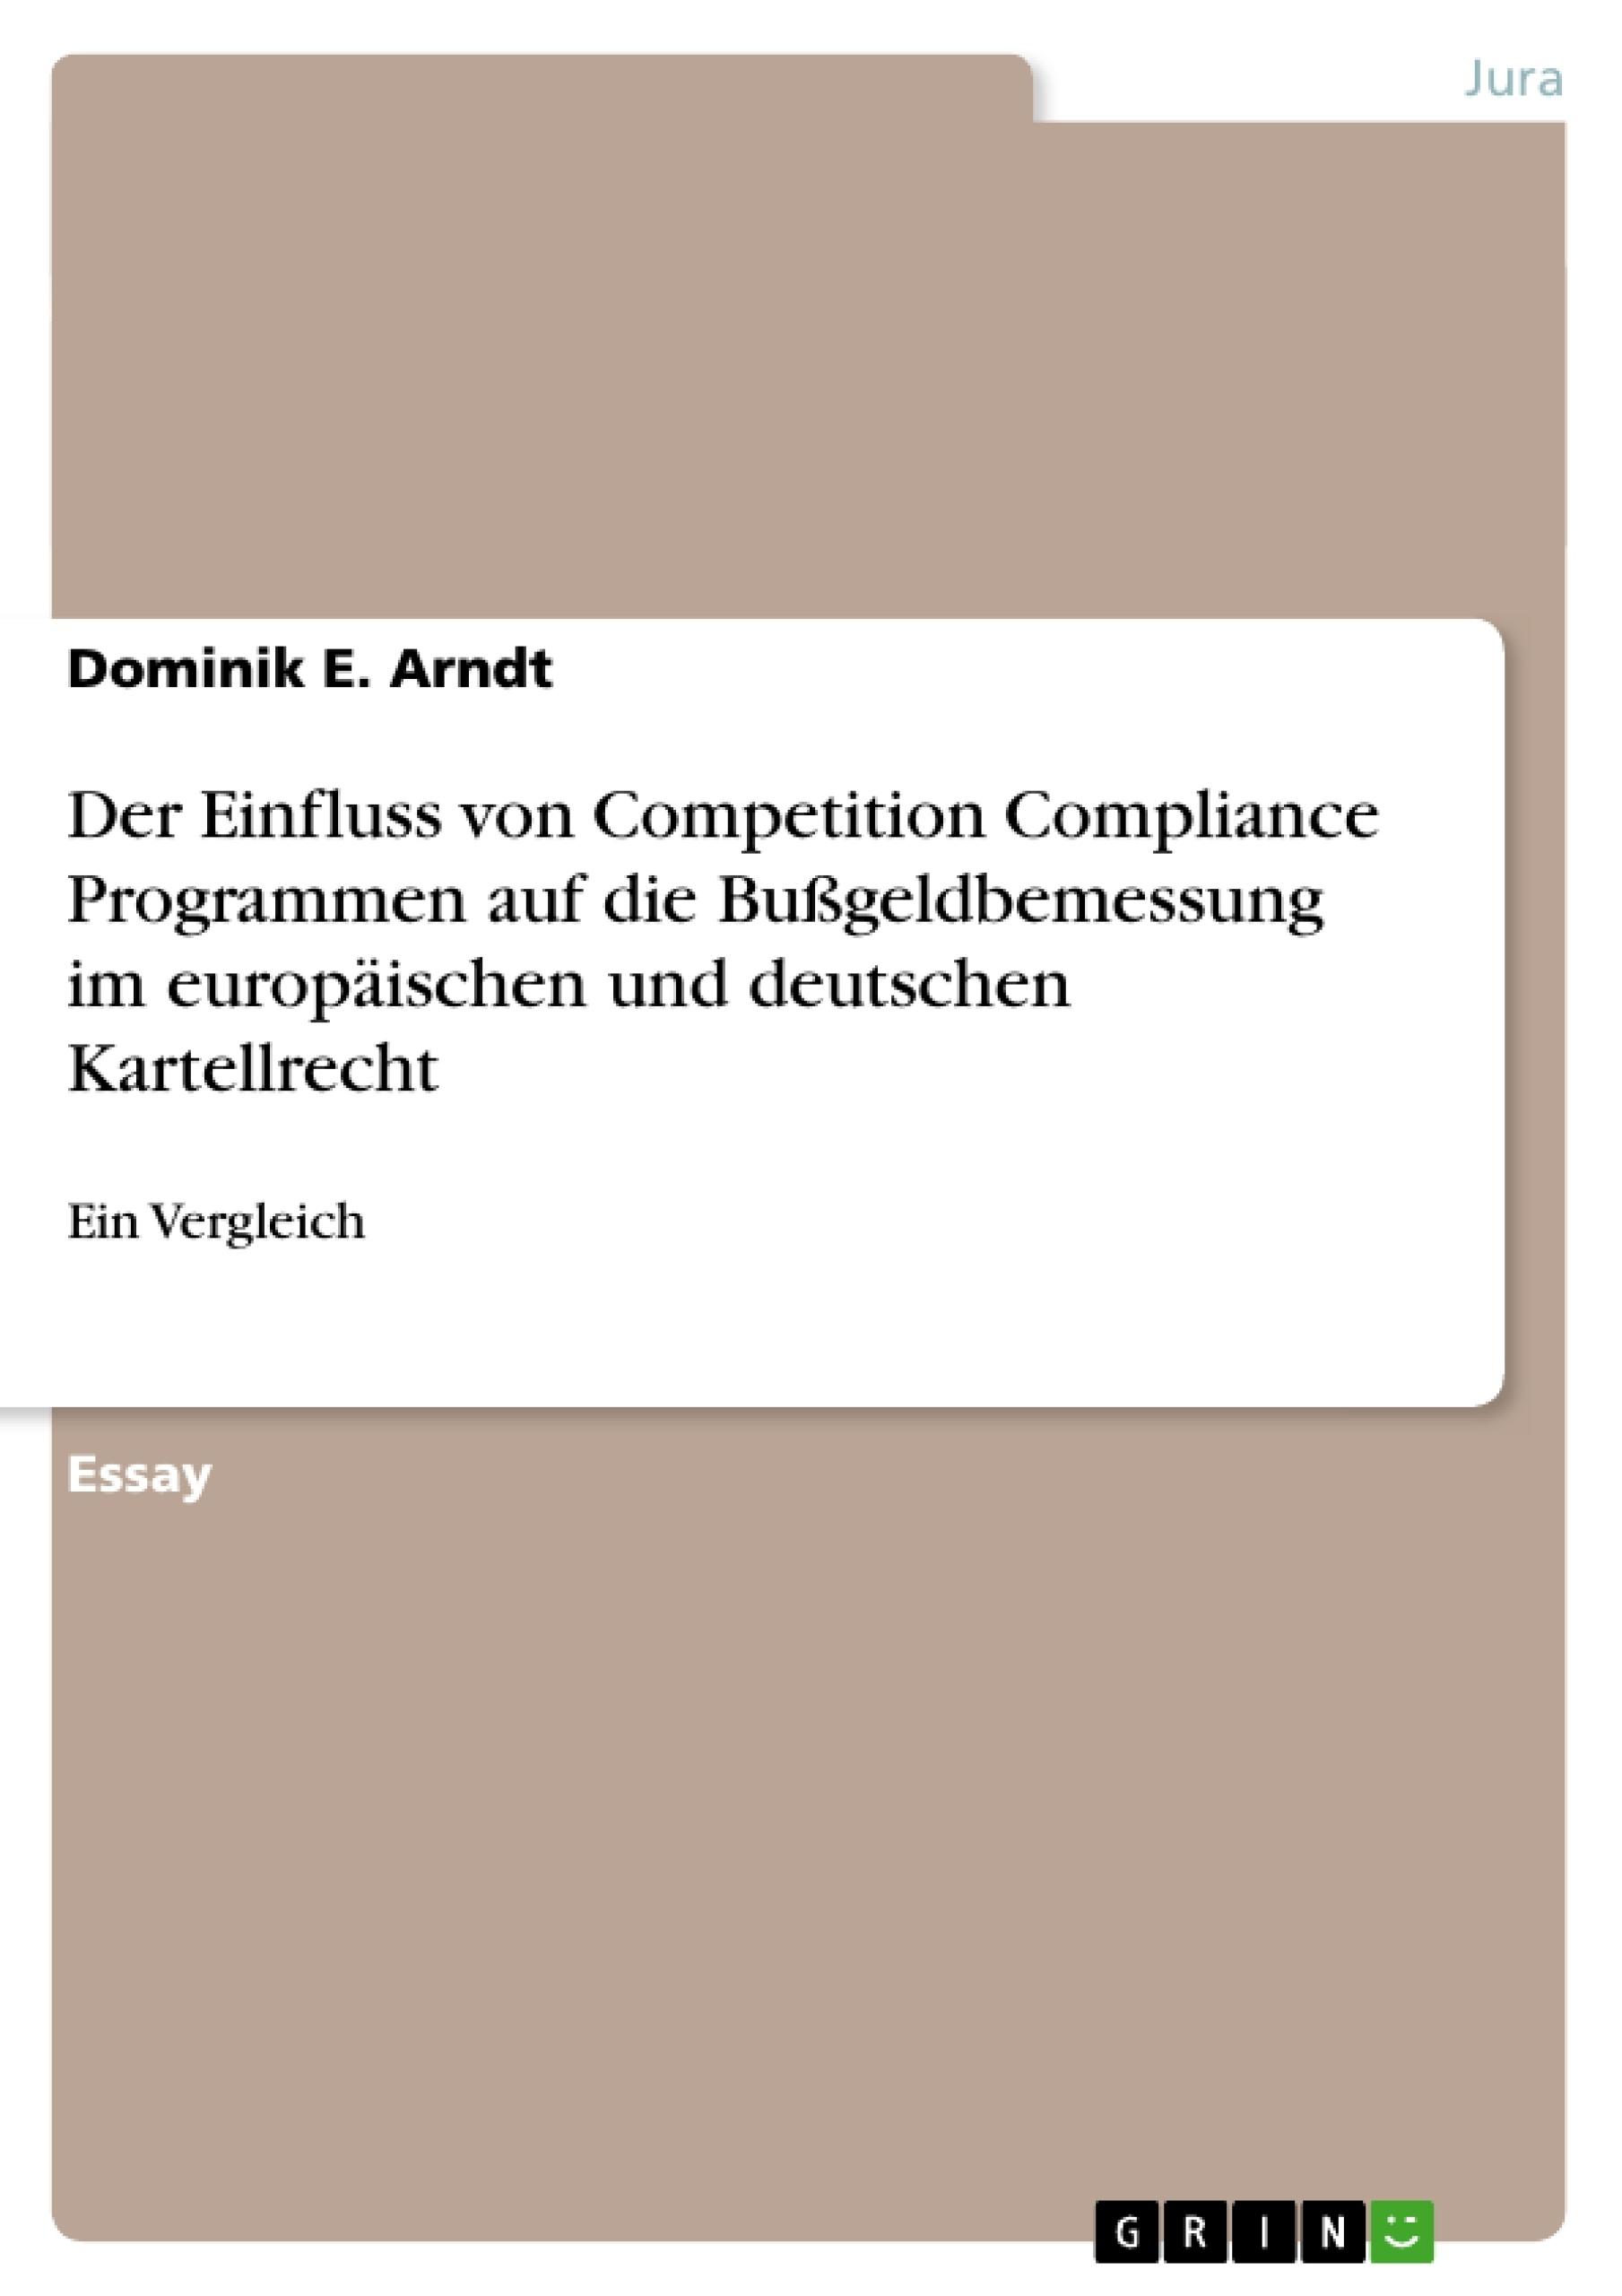 Titel: Der Einfluss von Competition Compliance Programmen auf die Bußgeldbemessung im europäischen und deutschen Kartellrecht